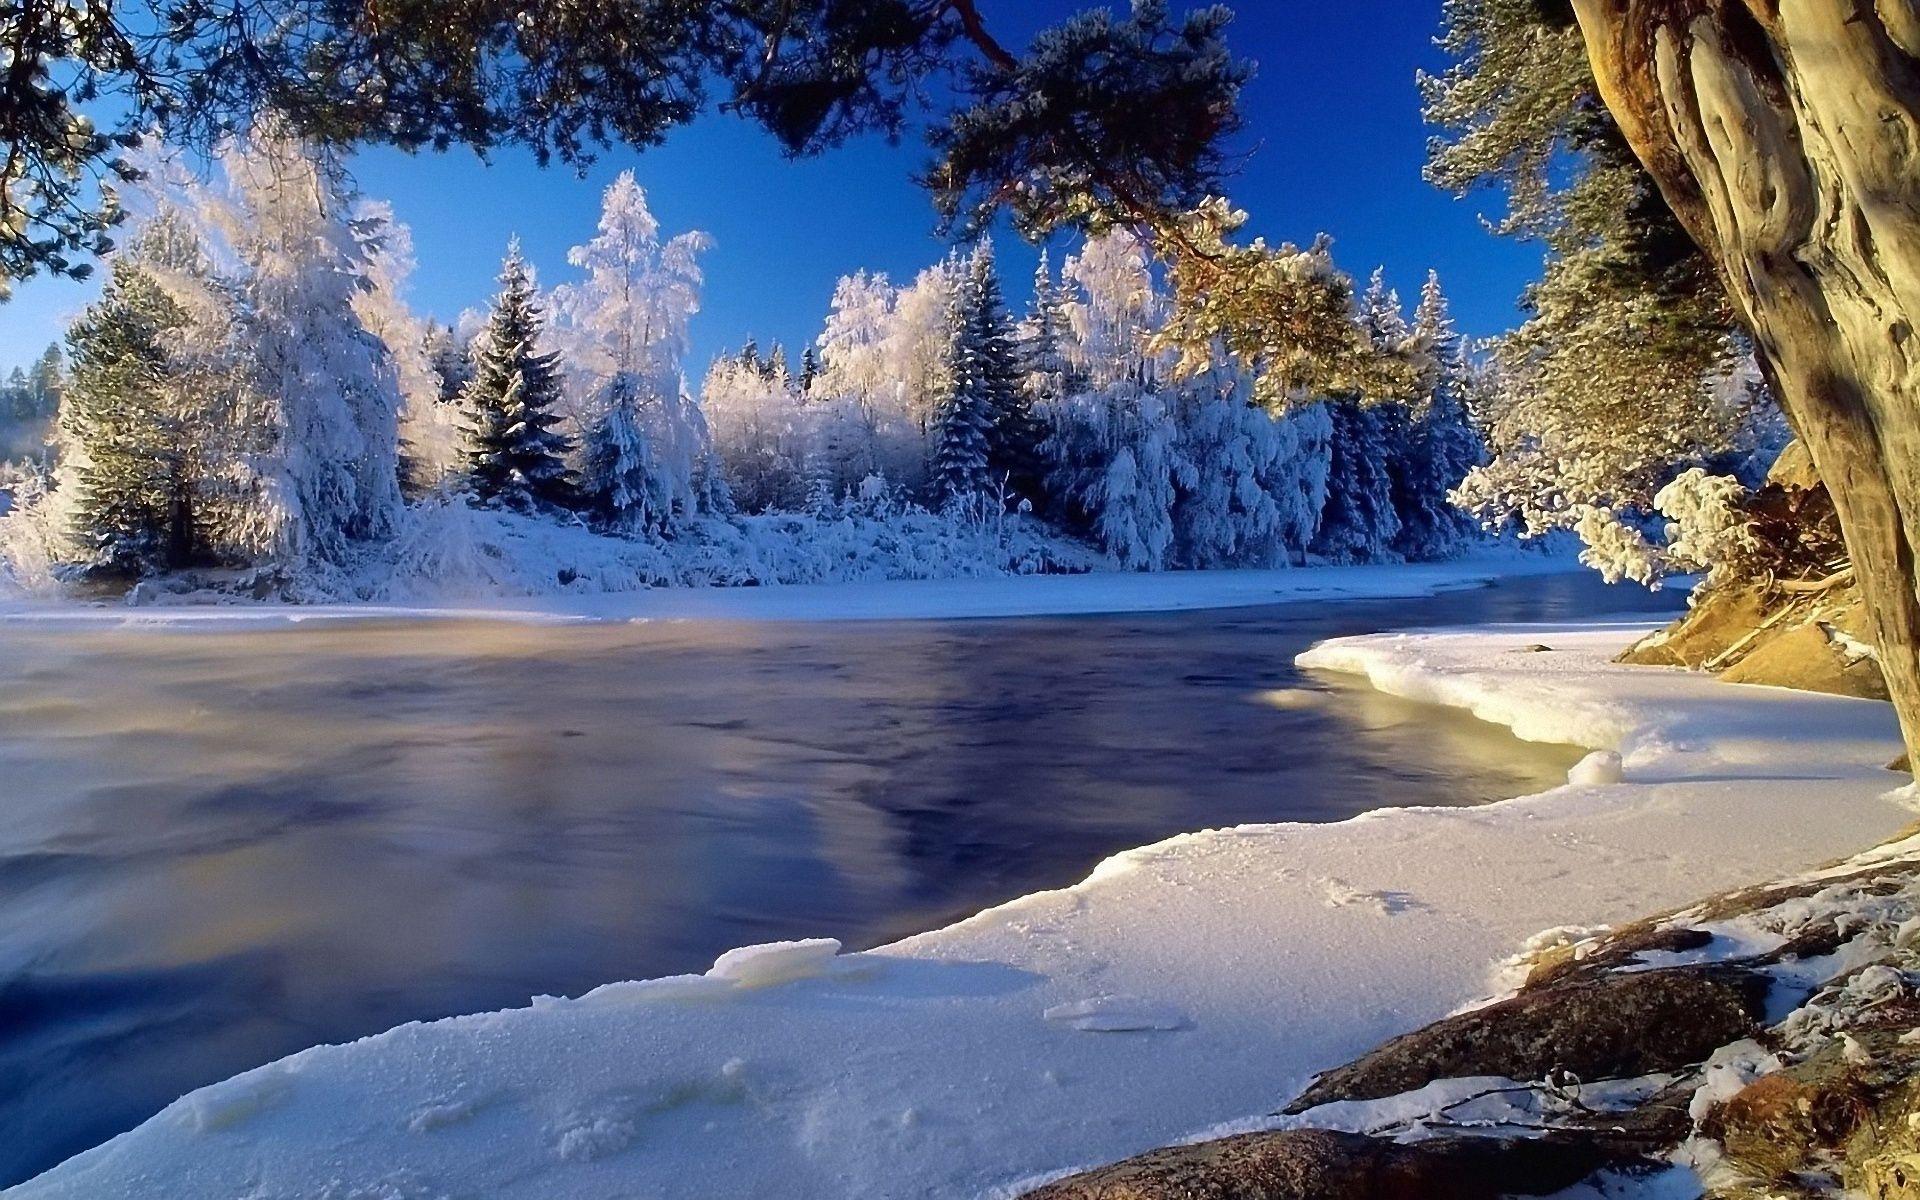 Free Download Winter Landscape Desktop Backgrounds